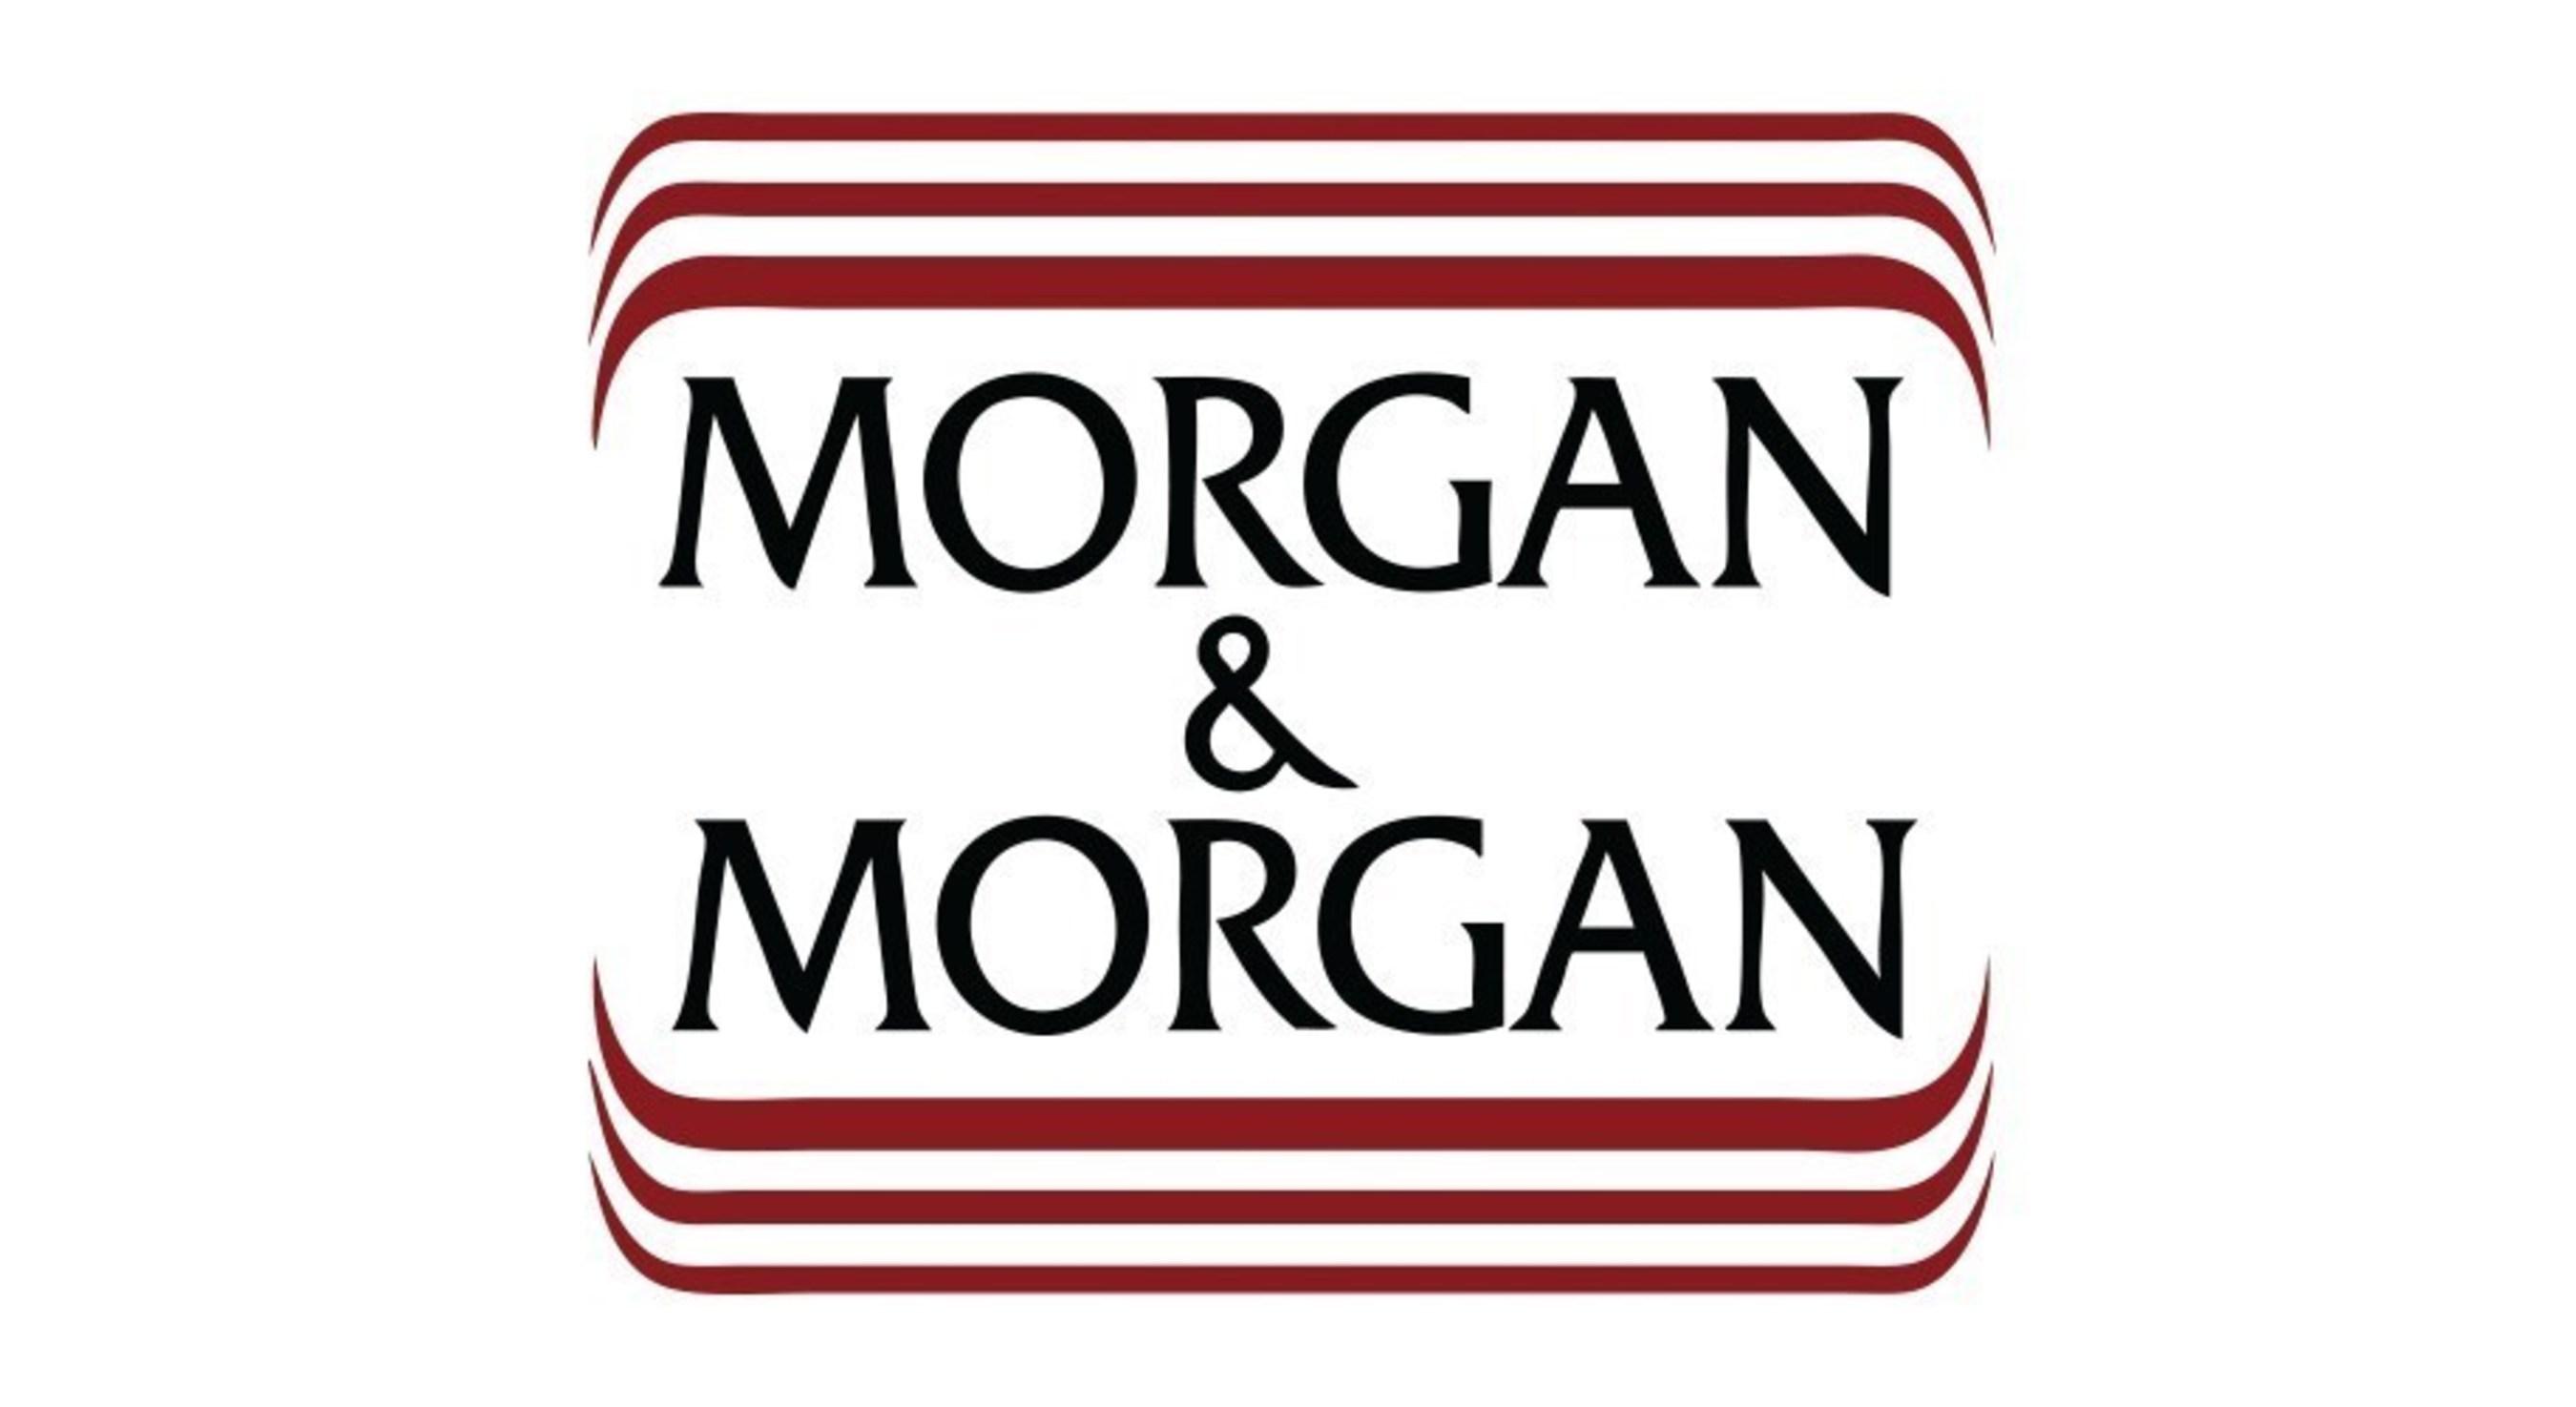 Morgan & Morgan Complex Litigation